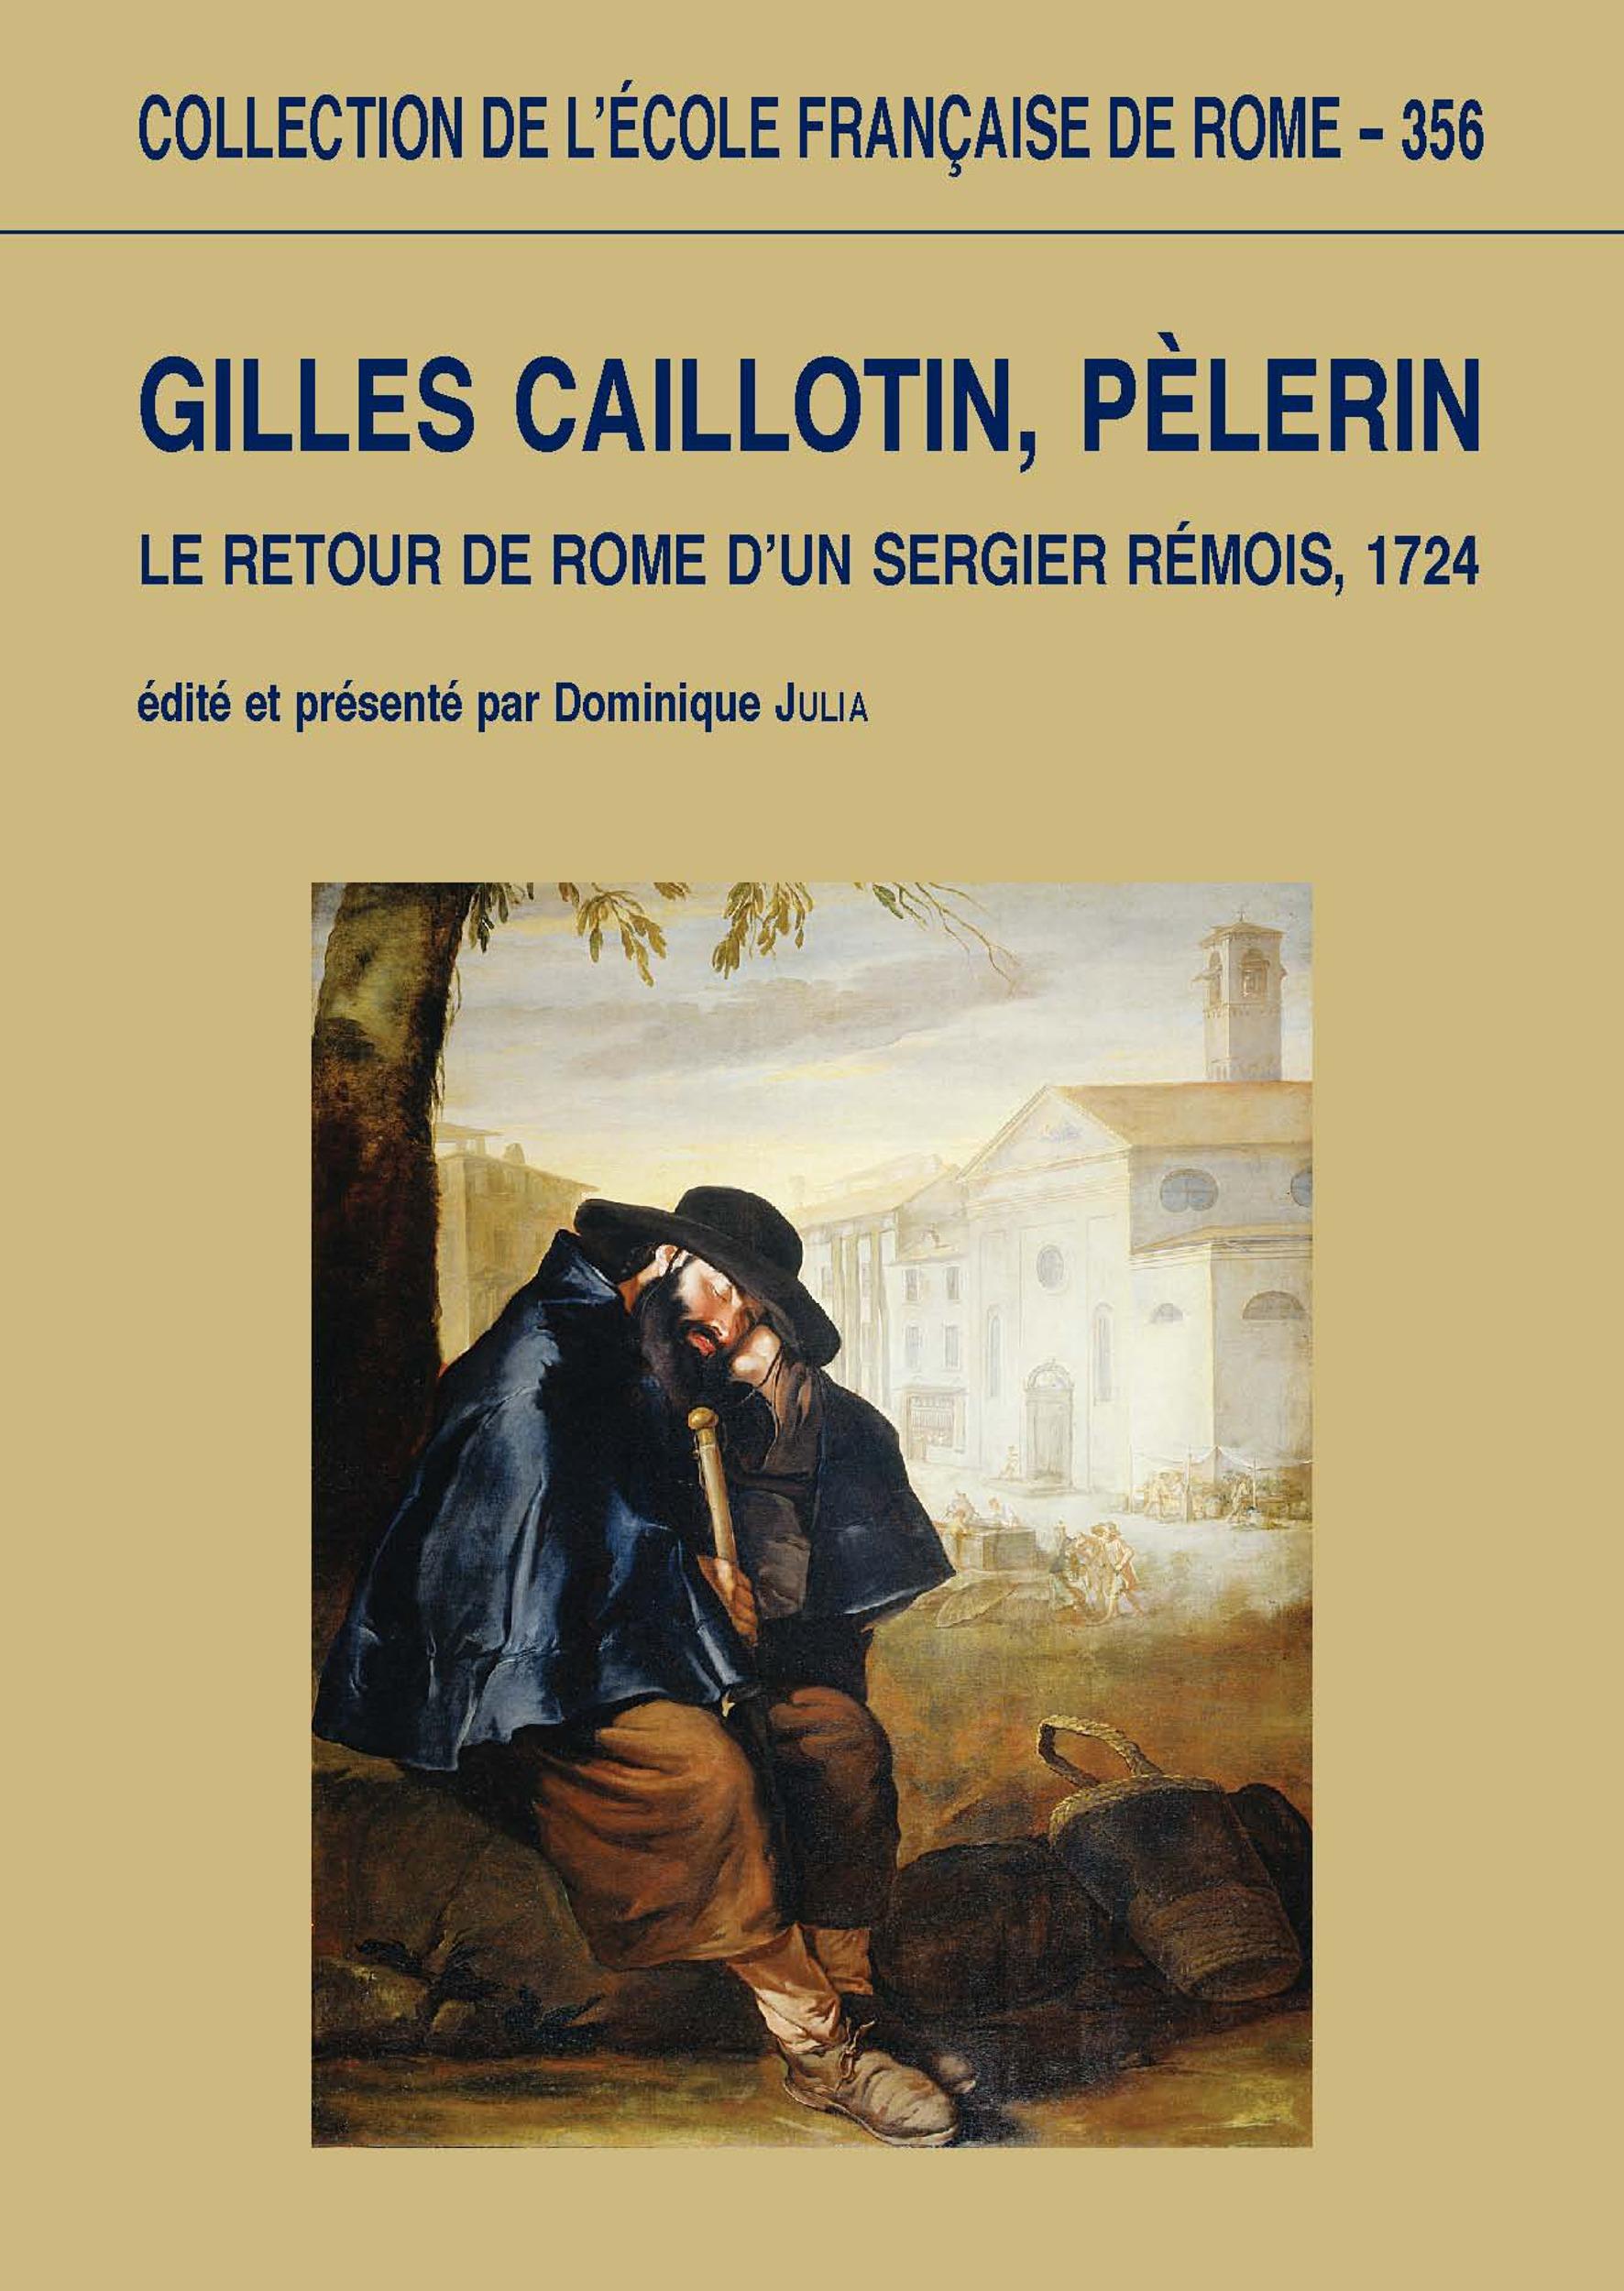 Gilles Caillotin, pèlerin ; le retour de Rome d'un sergier rémois, 1724